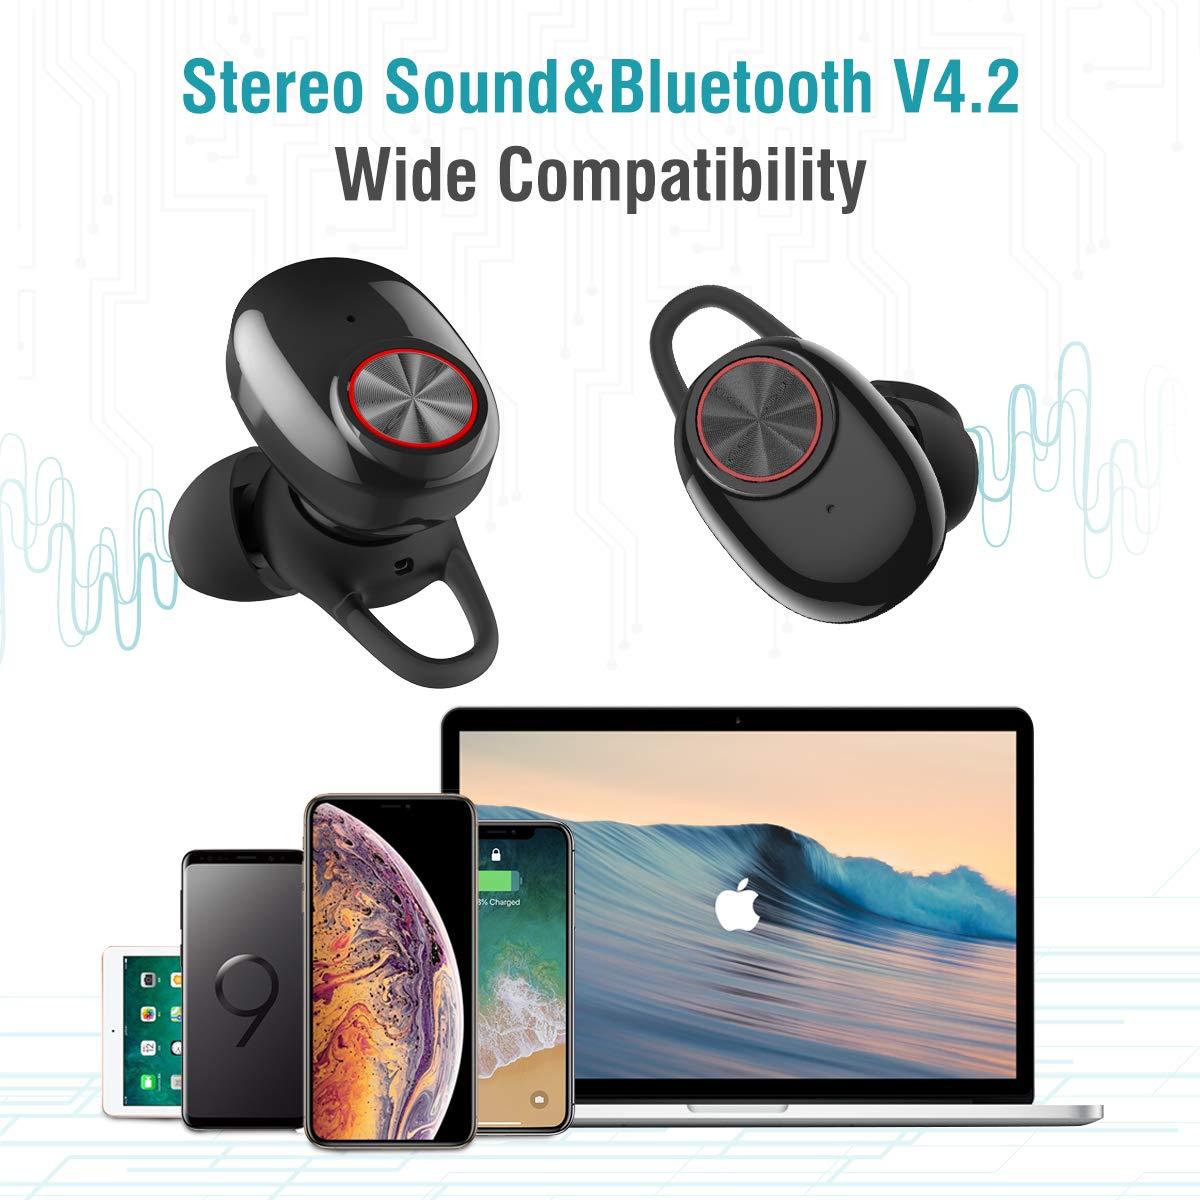 Auriculares Bluetooth Vigorun Mini TWS Headphones Inalámbricos Estéreo Cascos Deportivos Livianos con Caja de Carga de 500 mAh y Micrófono IPX5 Impermeable, ...